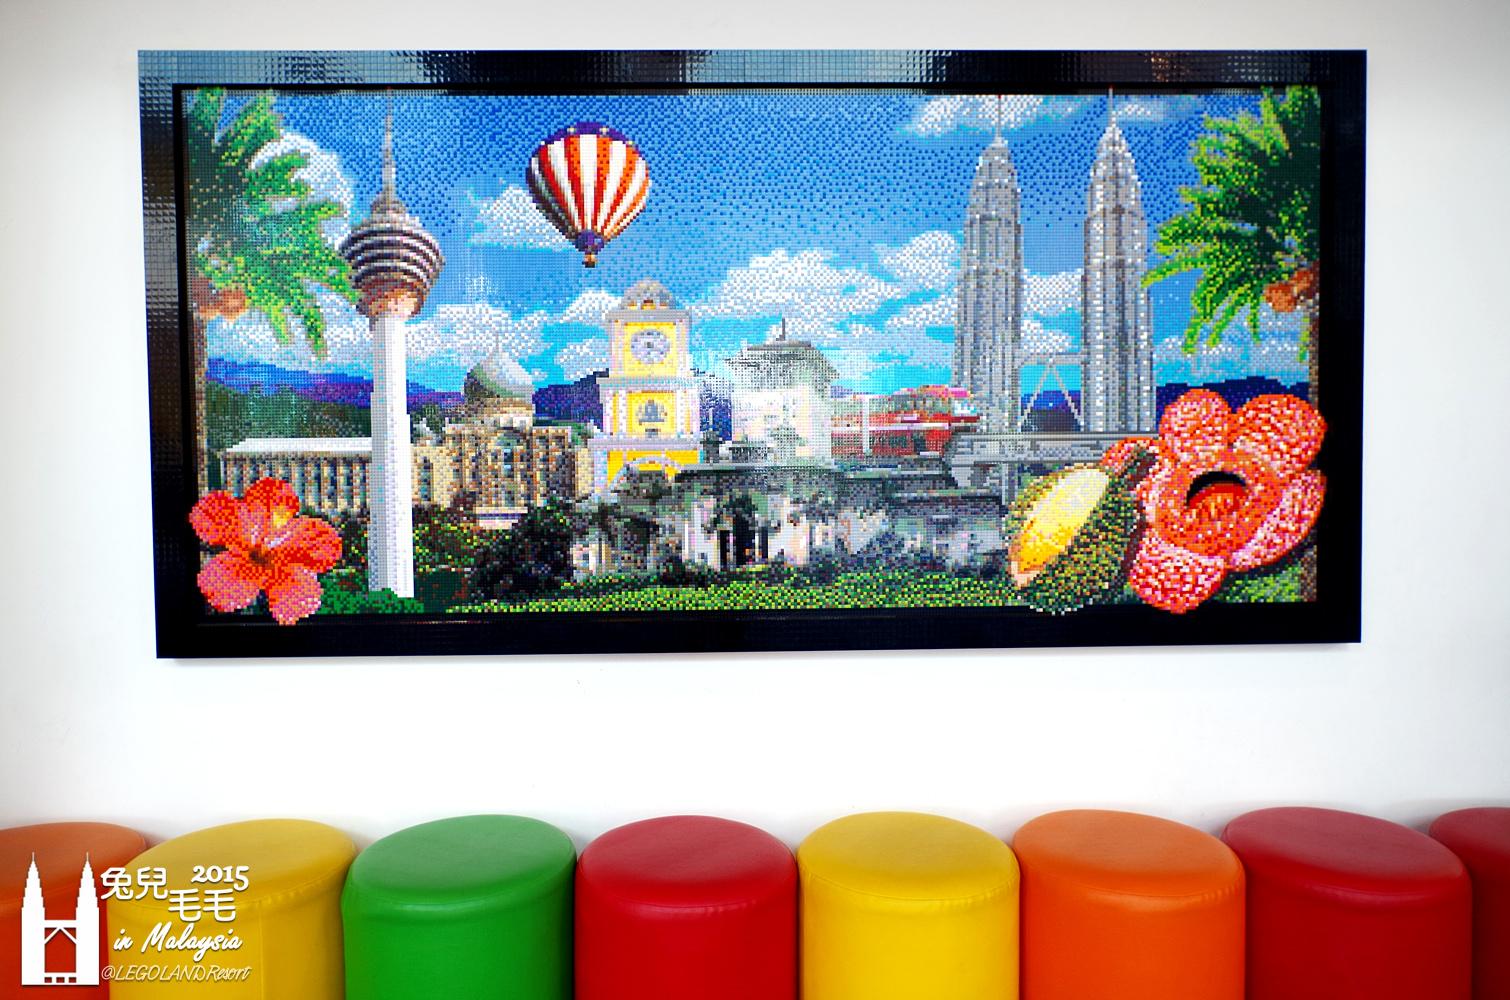 0216-Legoland Malaysia Resort-10.jpg